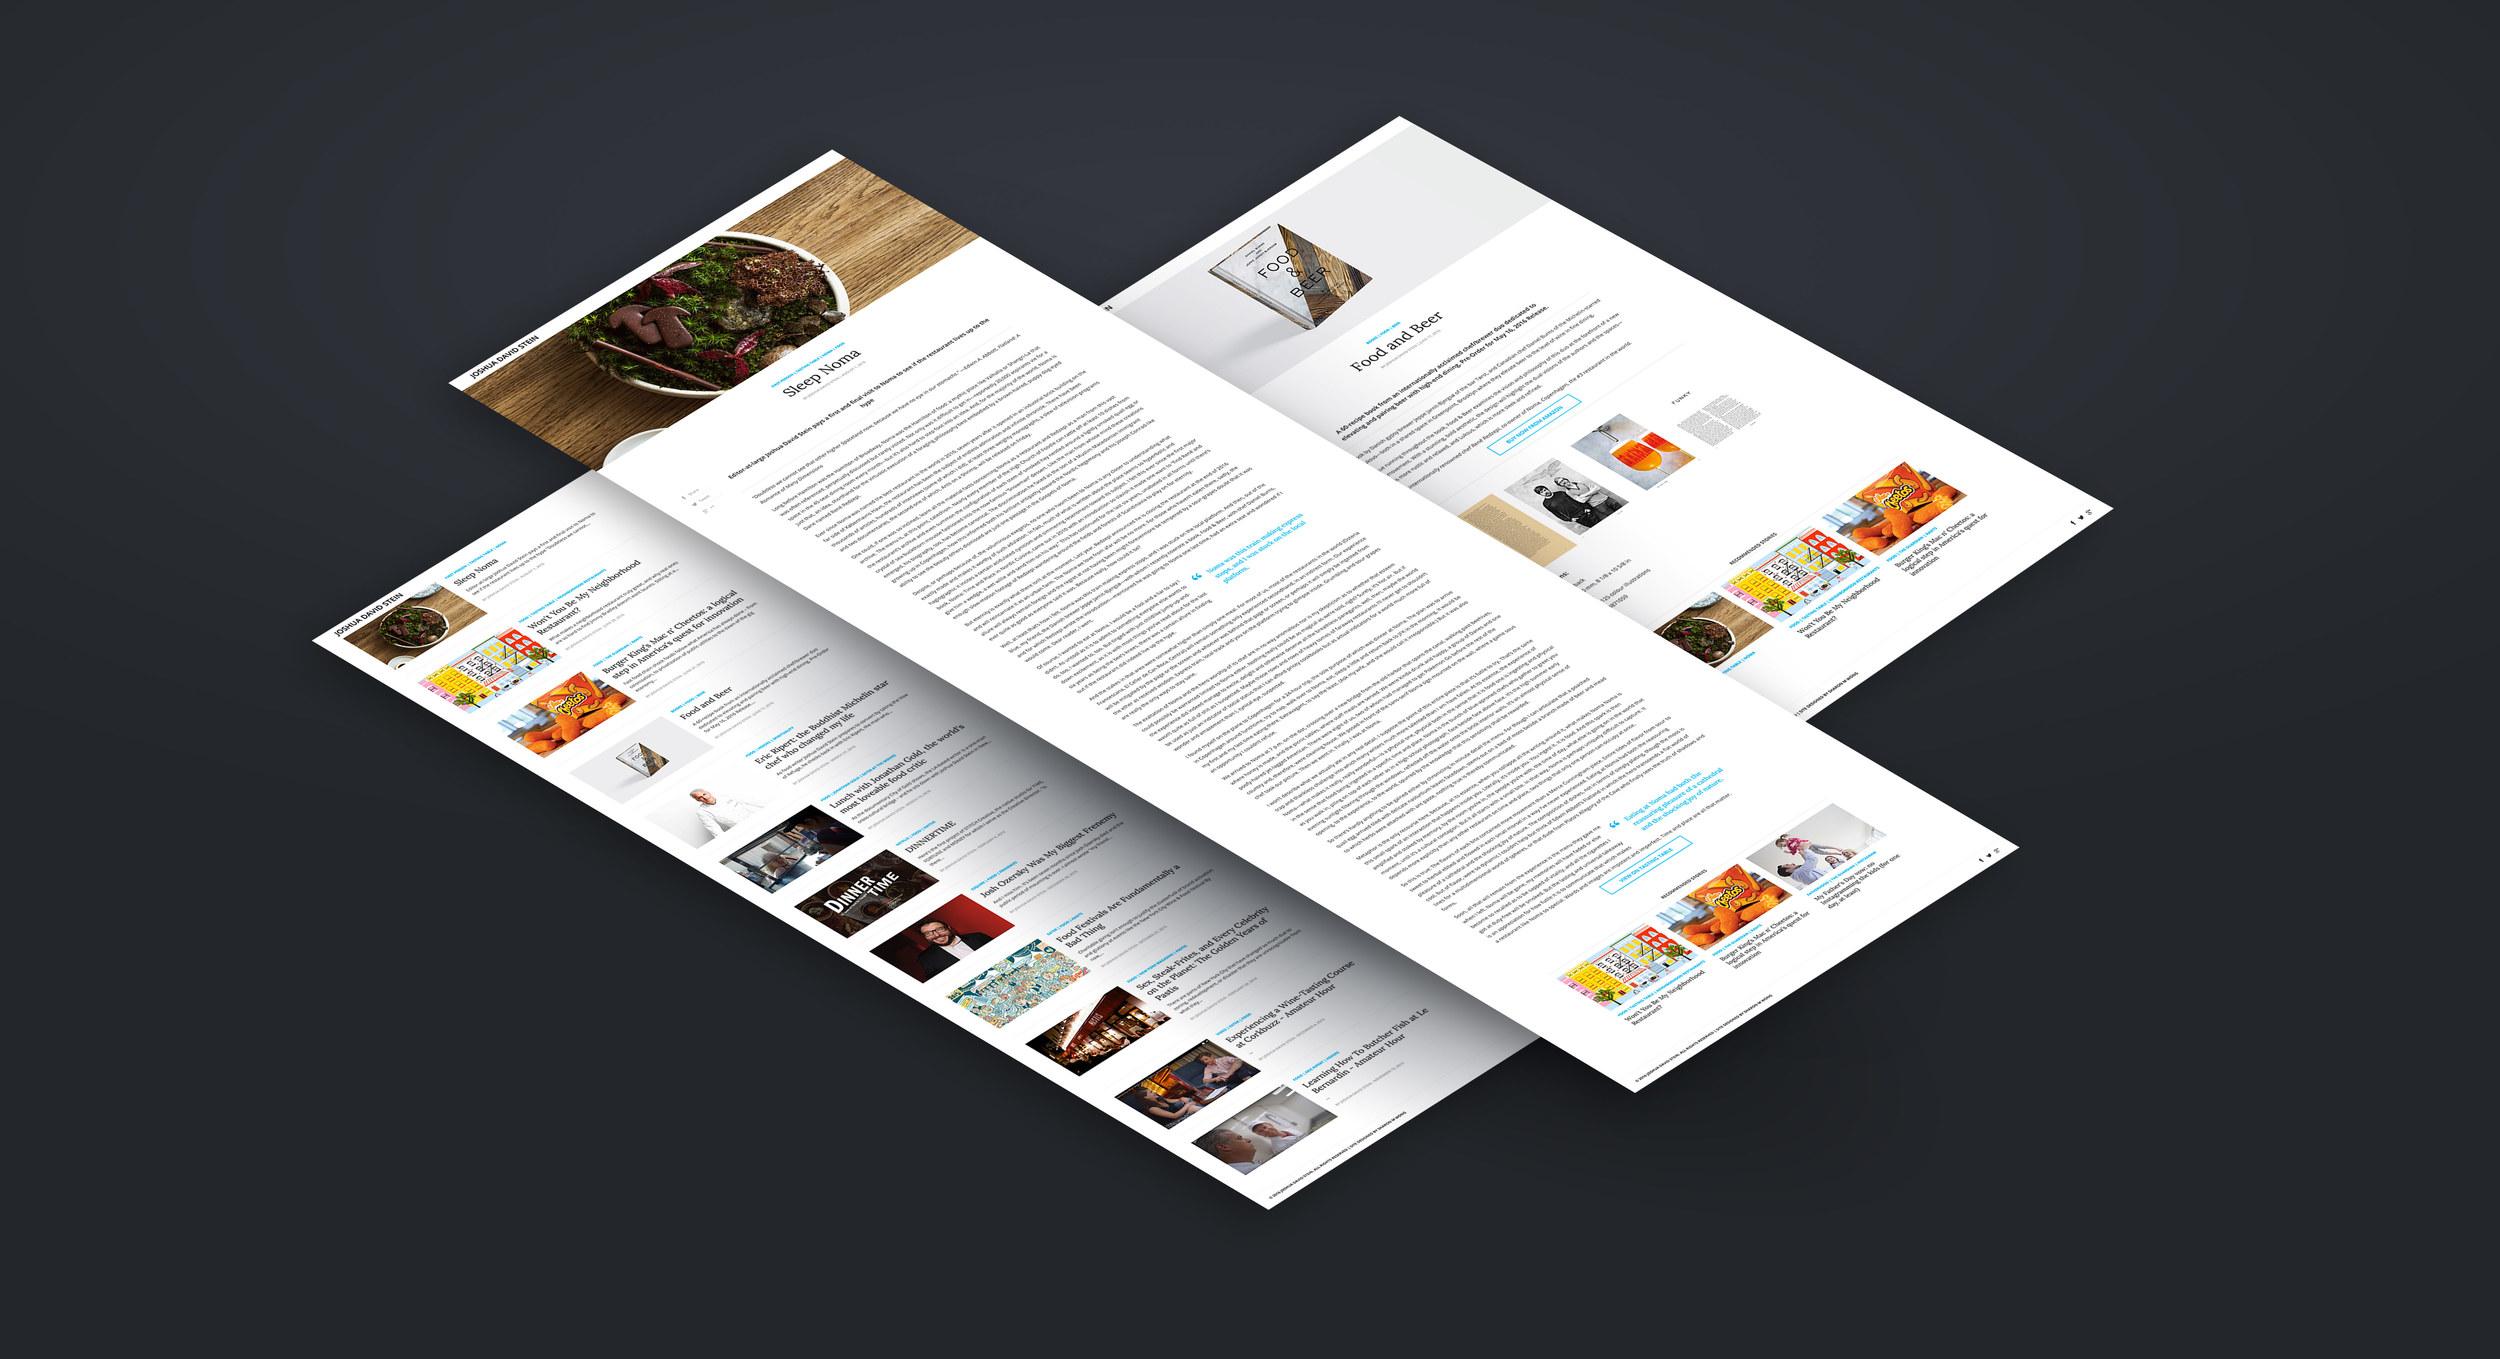 jds-webpages.jpg